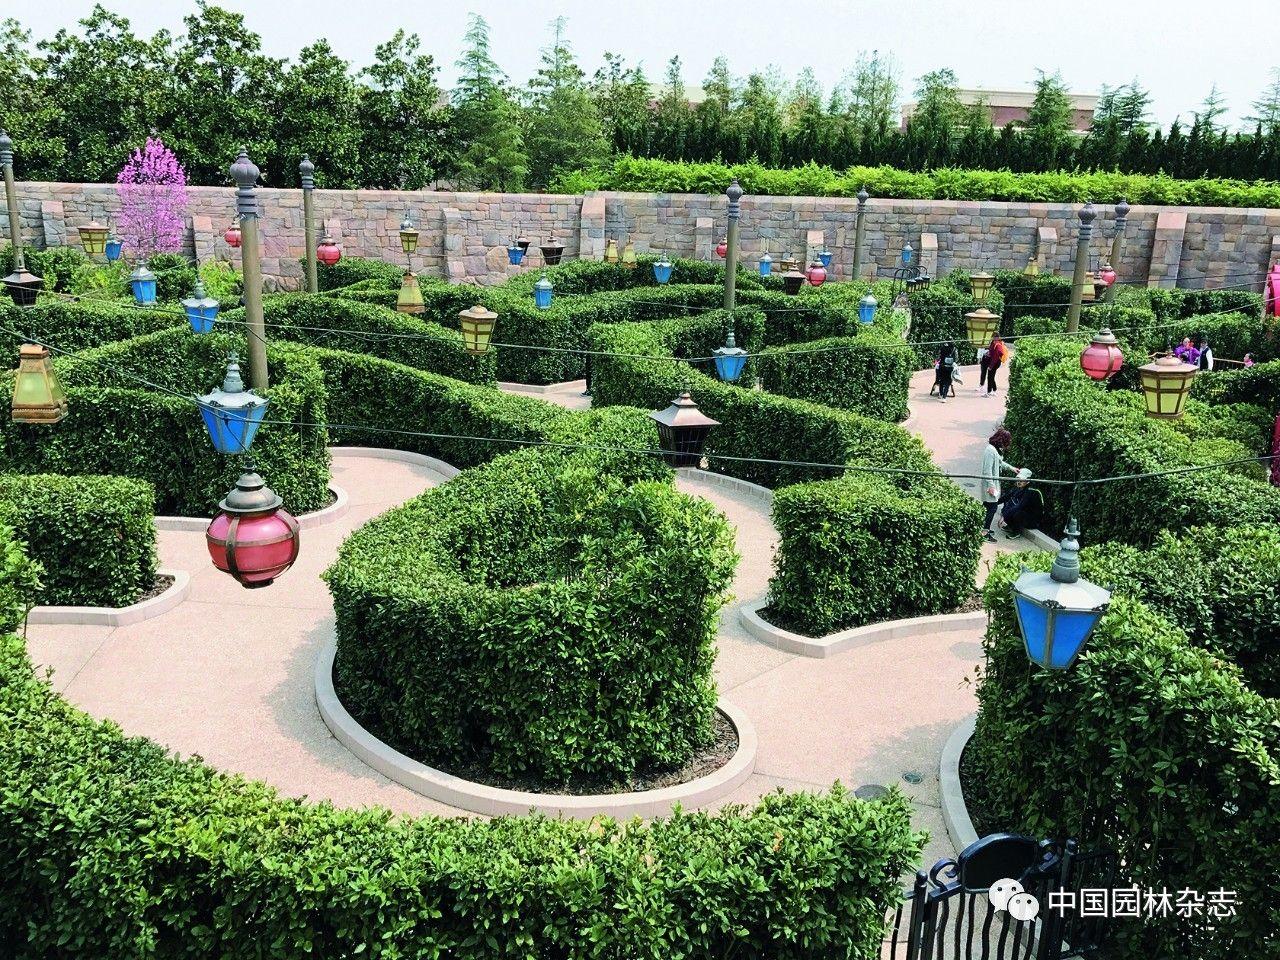 植物是造园的一种材料,风景园林师将形态各异的植物搭配在迪士尼